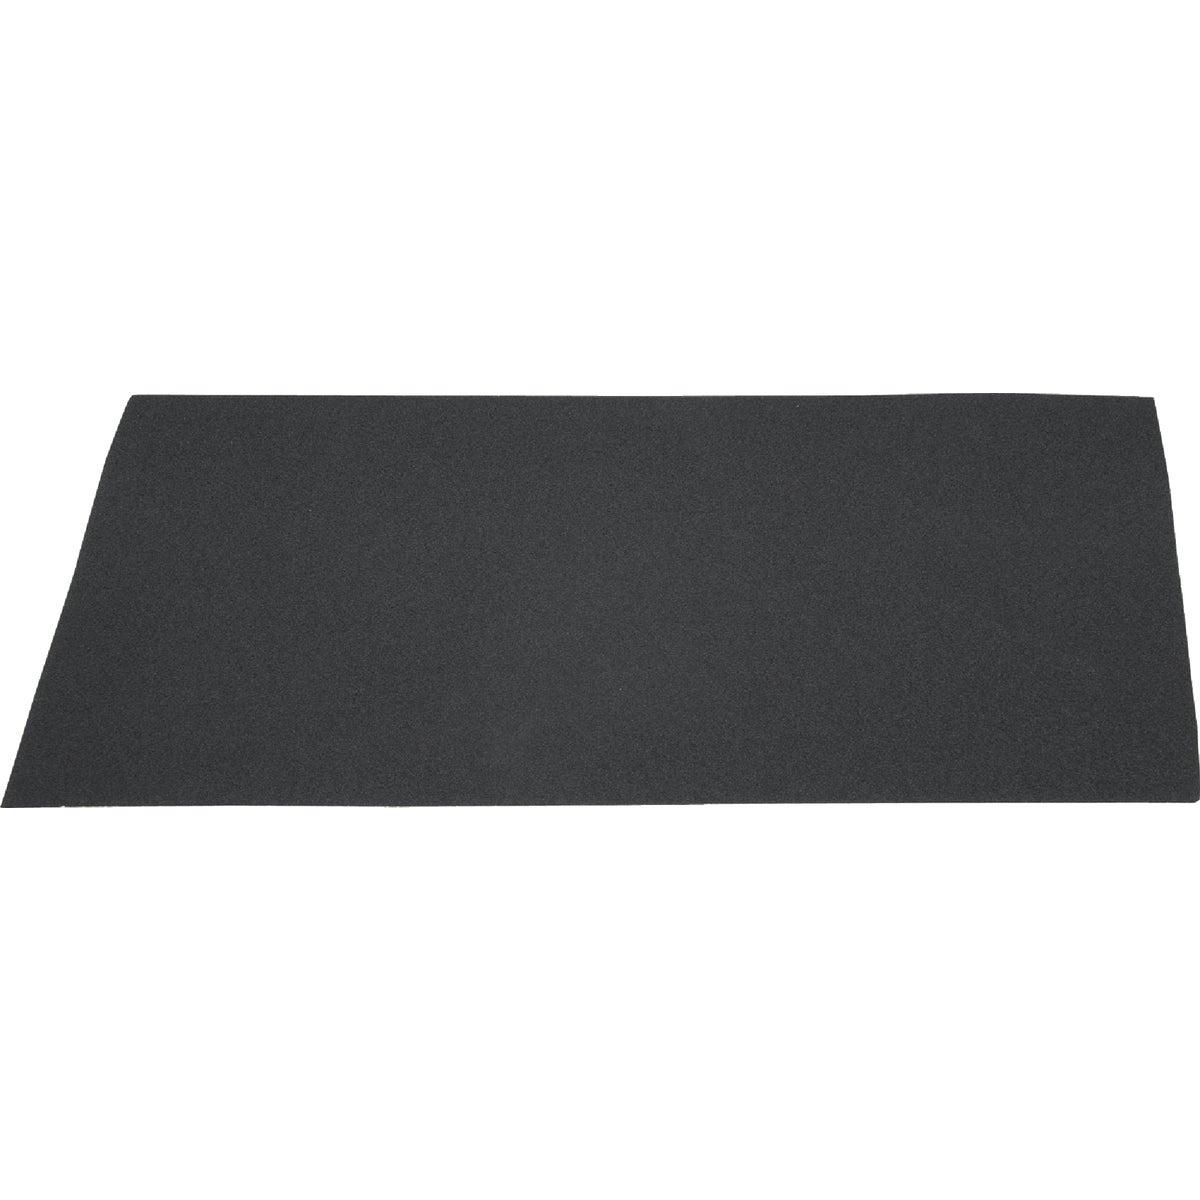 Virginia Abrasives Velour Backed Floor Sanding Drum Sheet - Pack of 10 at Sears.com